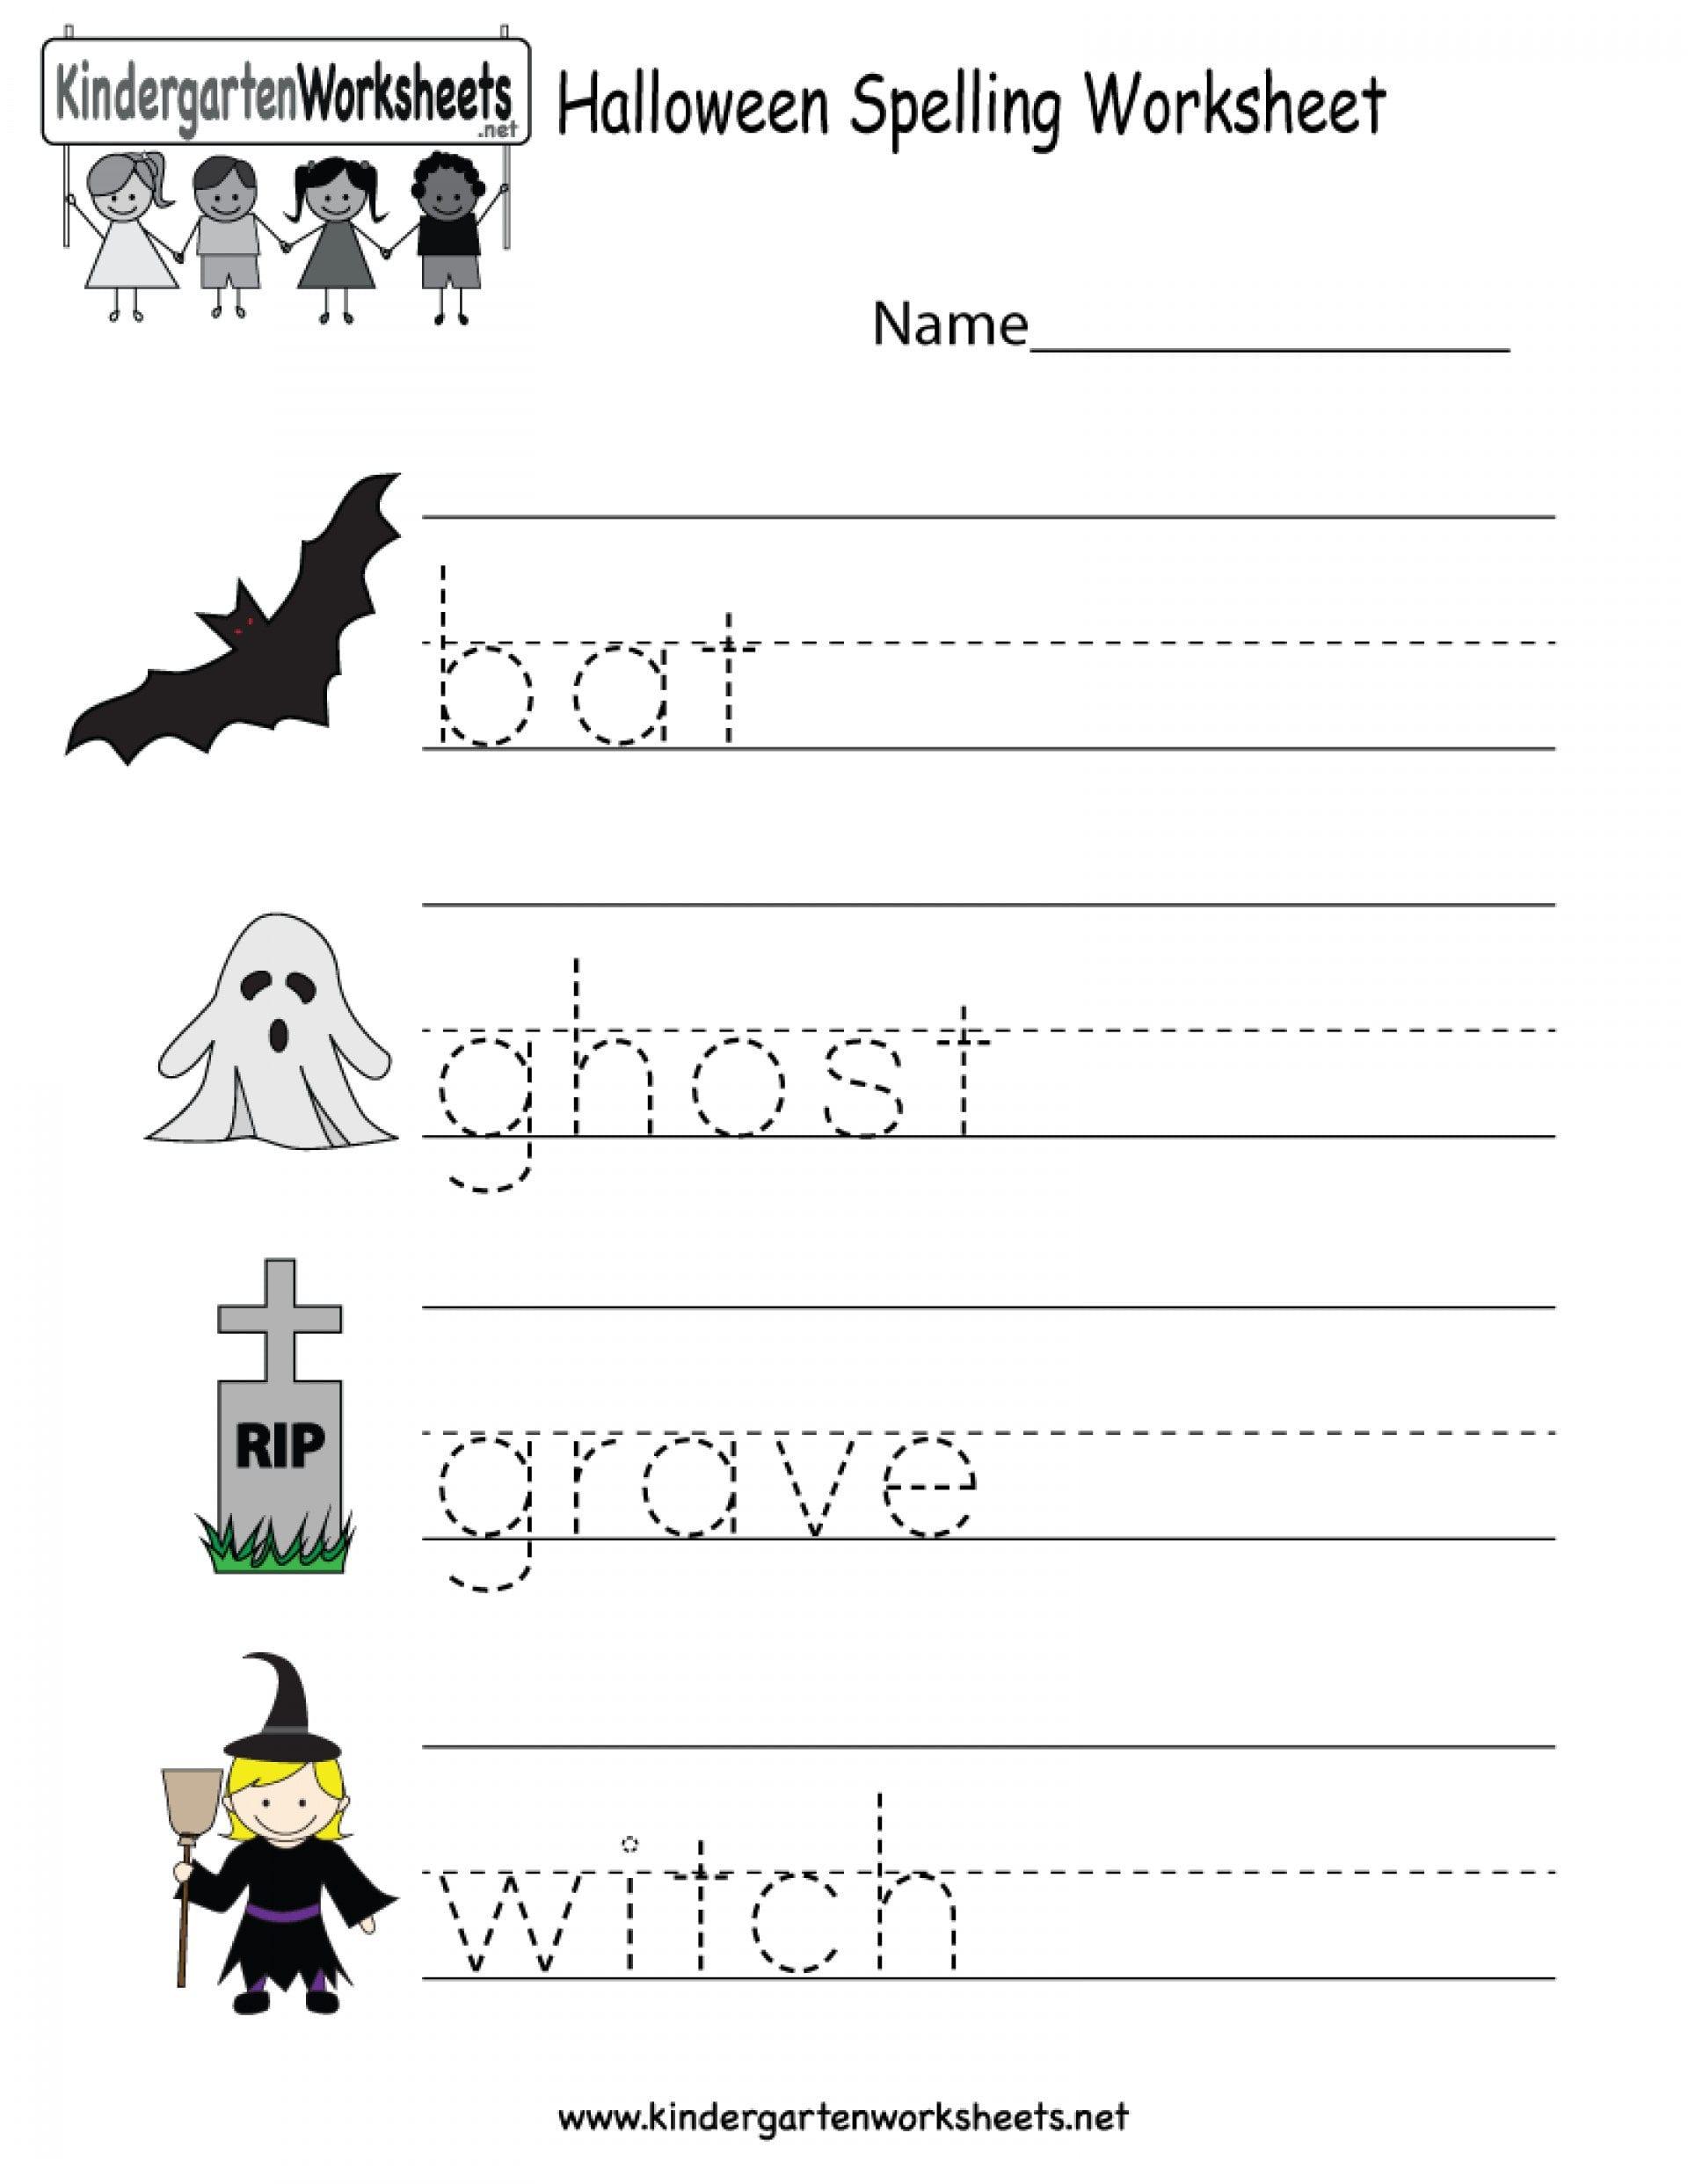 010 Printable Word Kindergarten Spelling Words Awesome